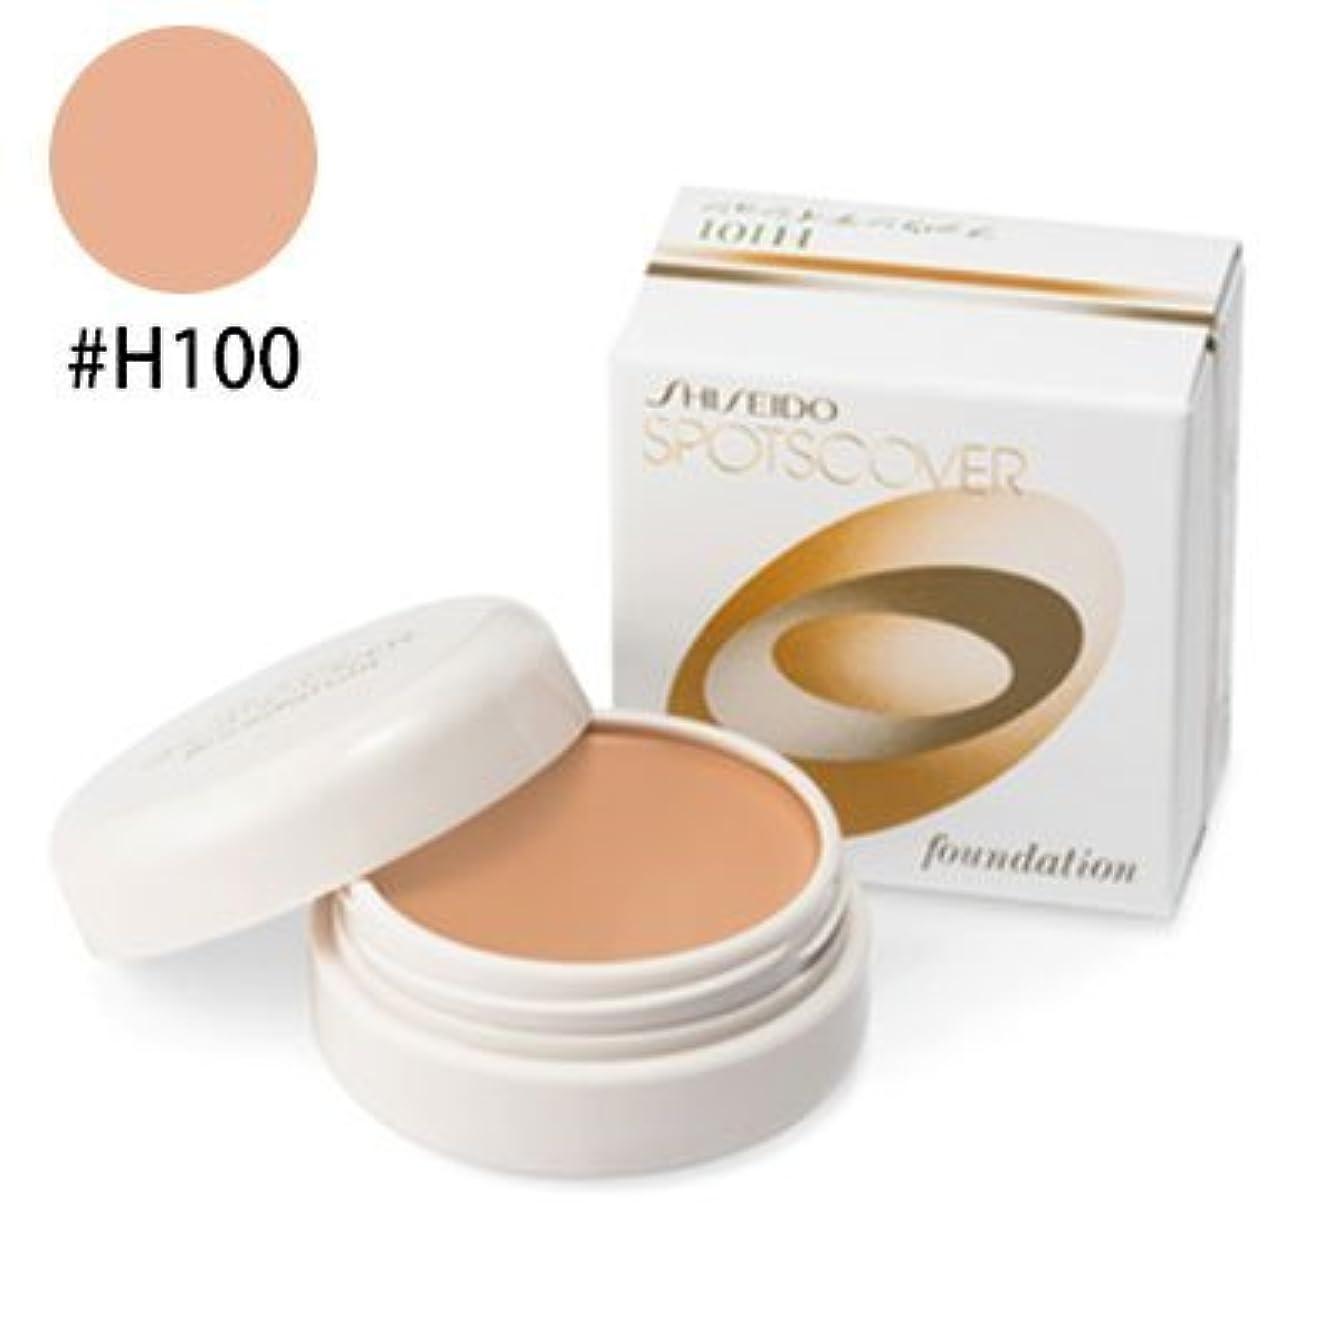 最近ライムニコチン資生堂(SHISEIDO) スポッツカバー ファウンデイション (ベースカラー部分用) #H100 (コンシーラー) [並行輸入品]